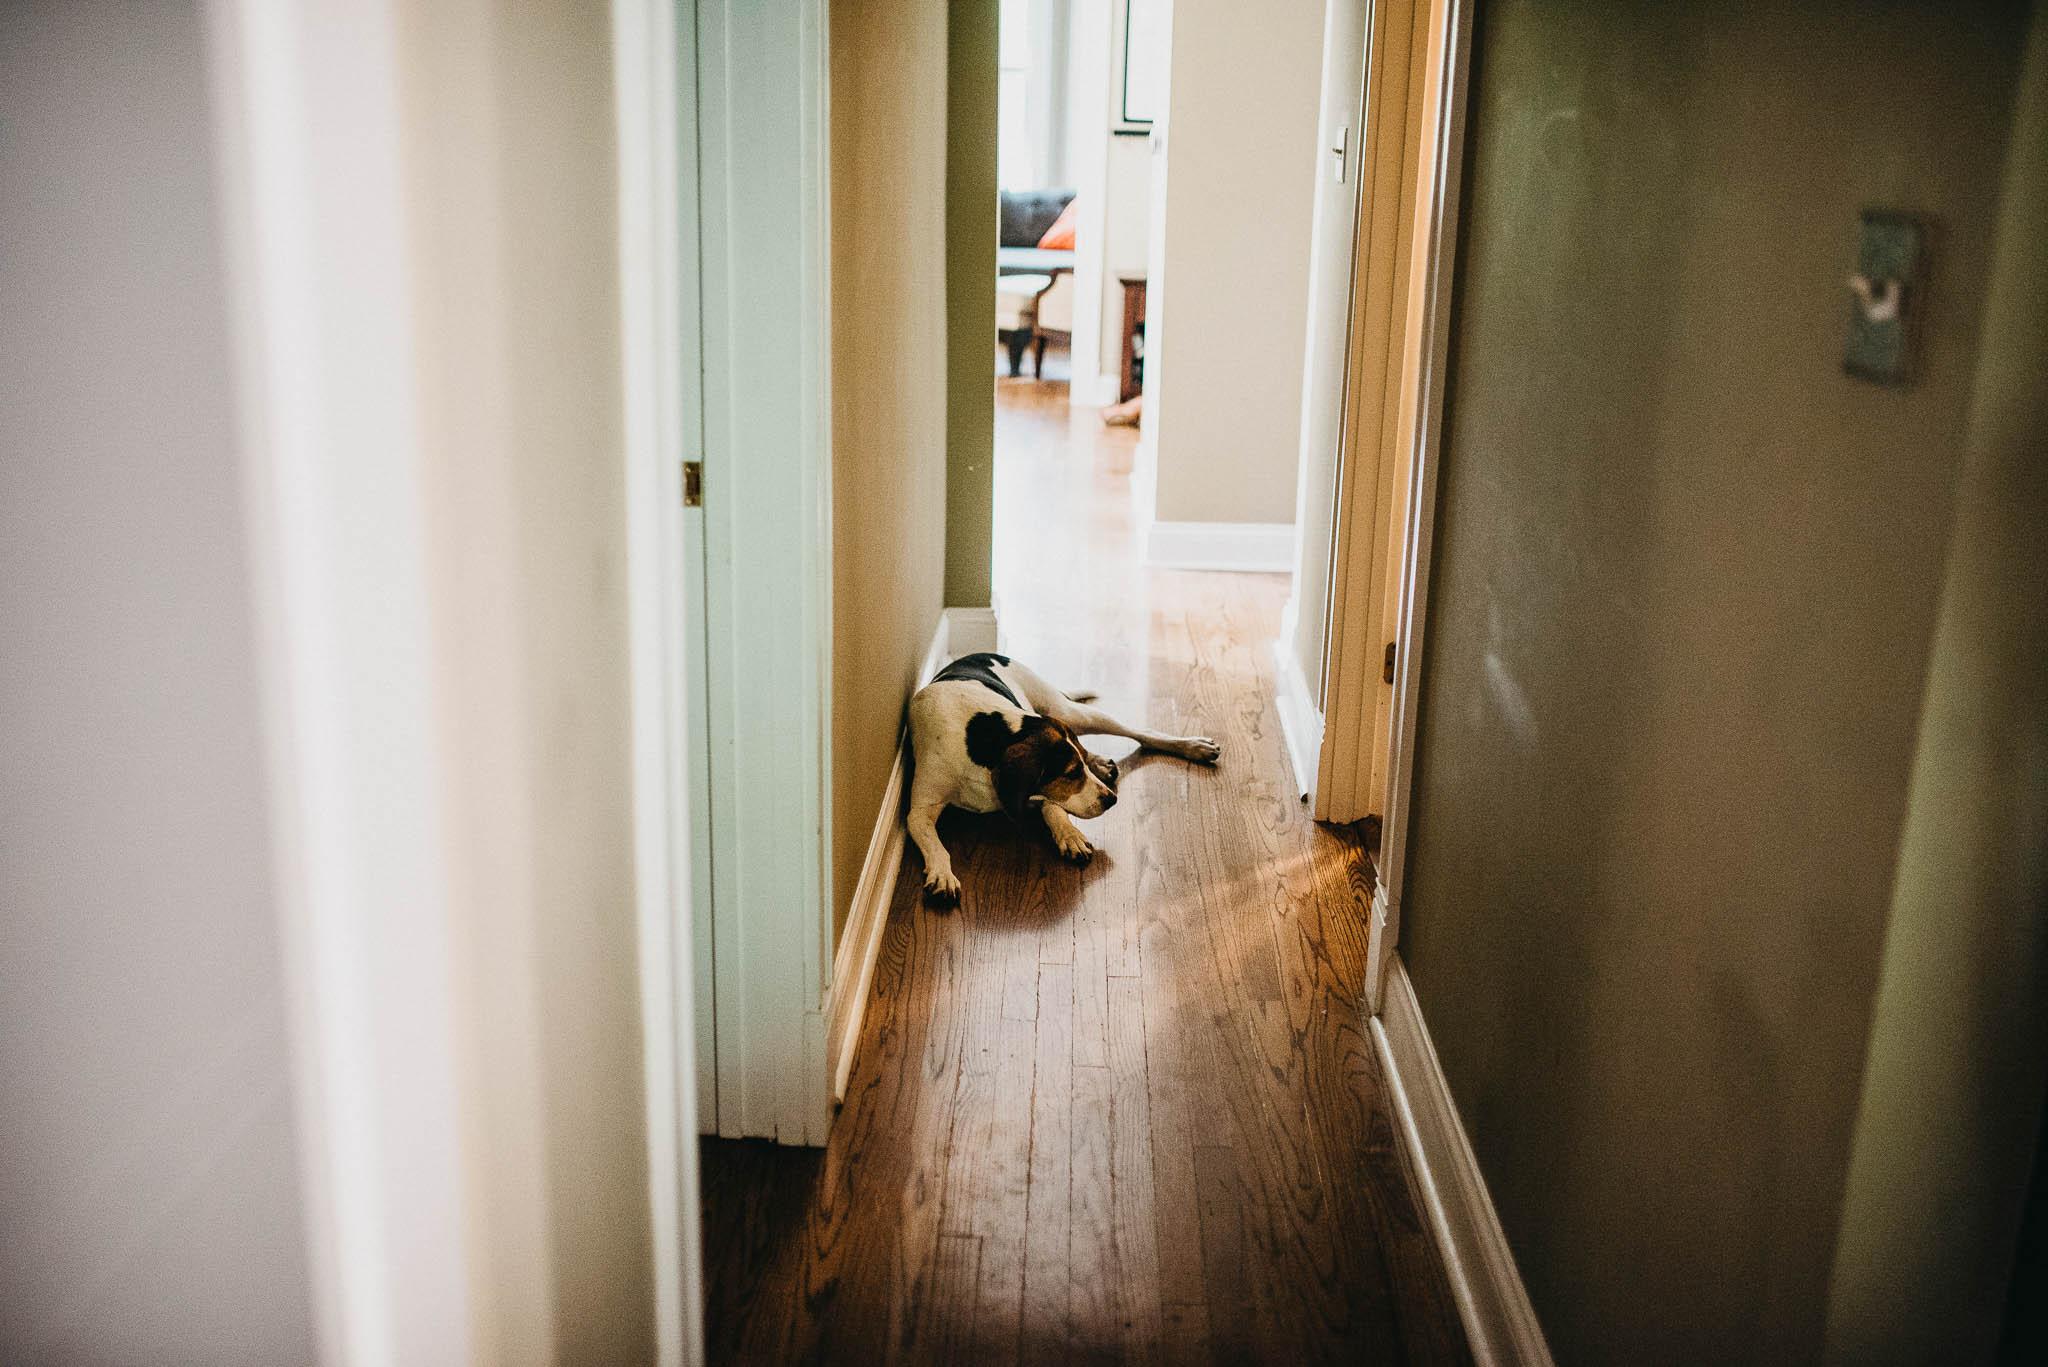 A dog laying in a hallway